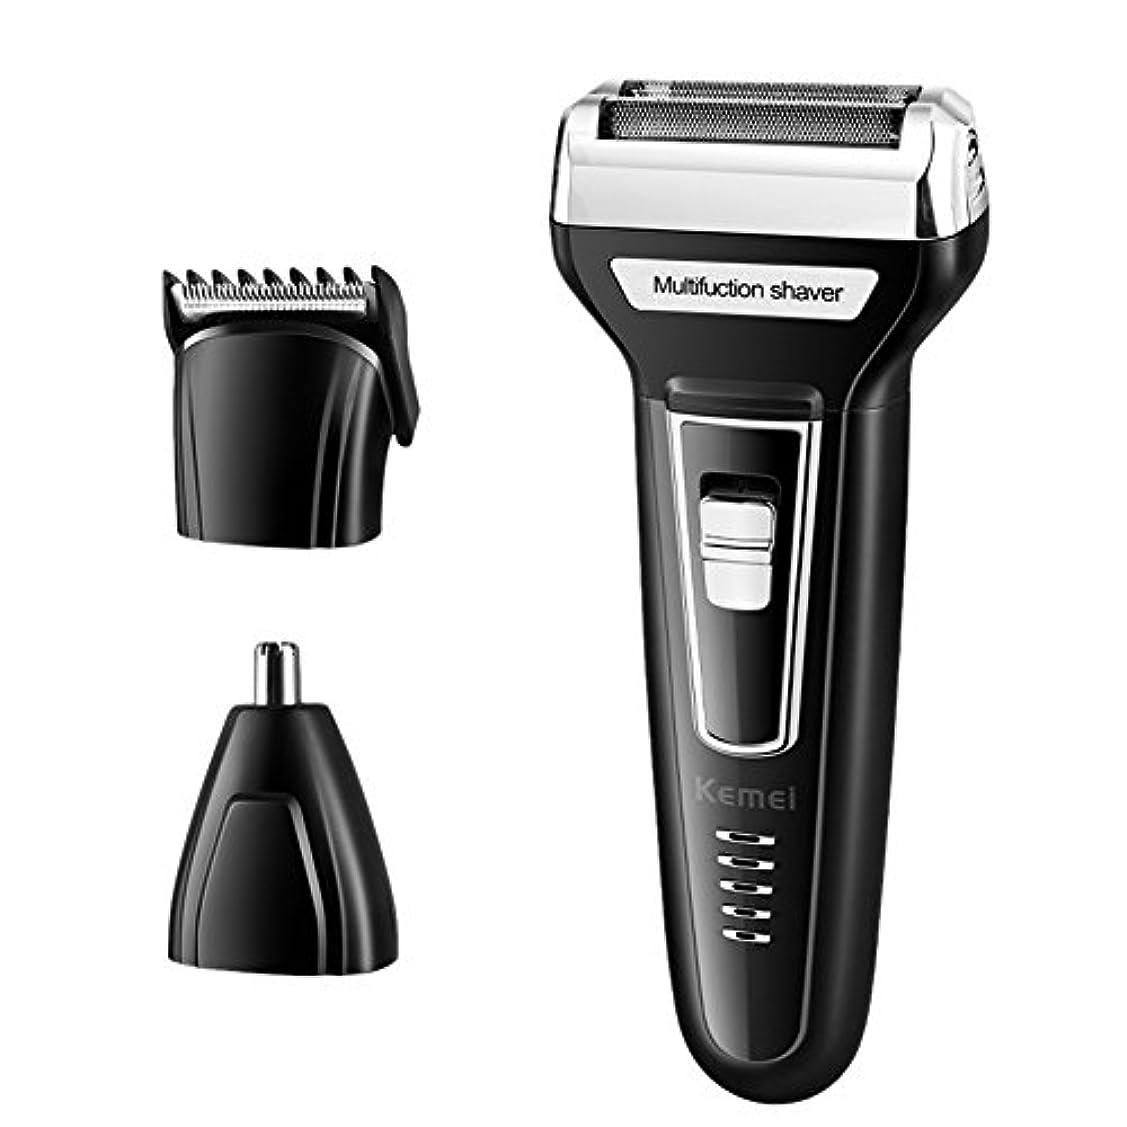 TeFuAnAn メンズシェーバー 電動シェーバー 電気カミソリ 3 in 1 毛のお手入れ 髭剃り 鼻毛カッター 充電交流式